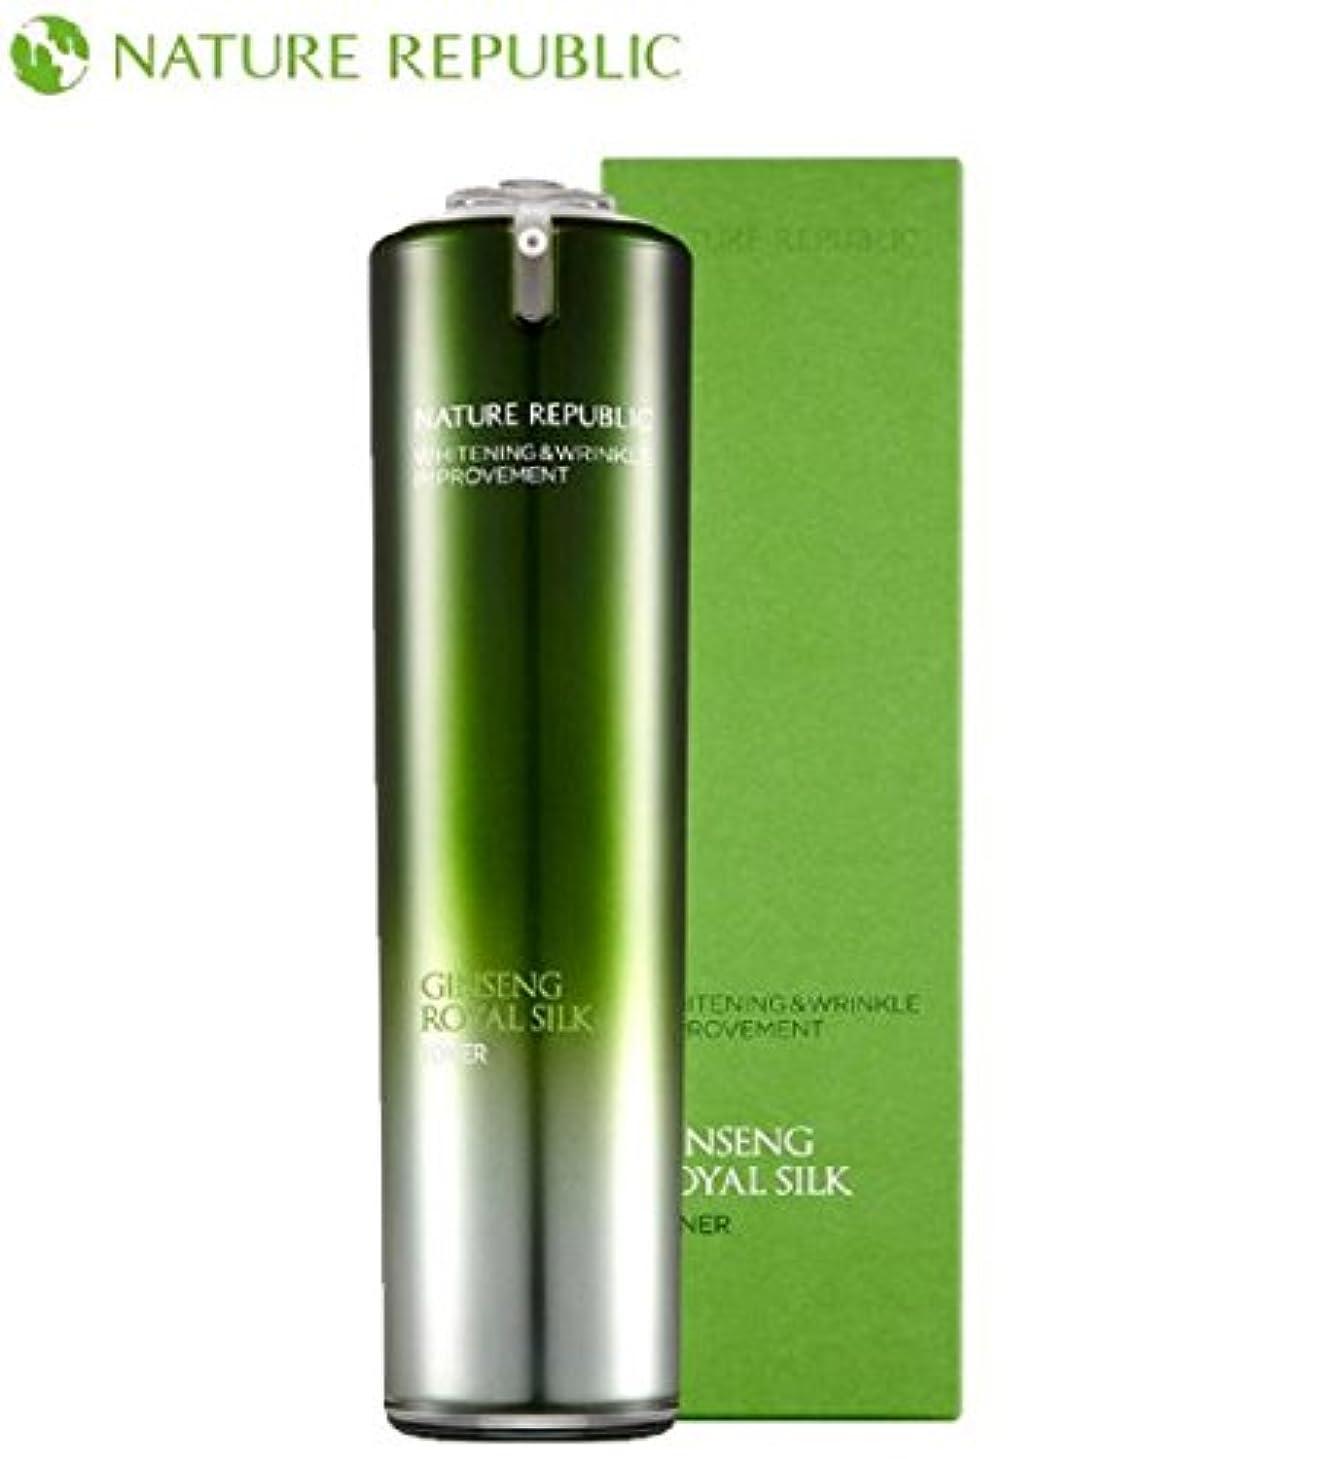 リマークニッケル冷える正規輸入品 NATURE REPUBLIC(ネイチャーリパブリック) RY トナー GI 化粧水 120ml NL8651